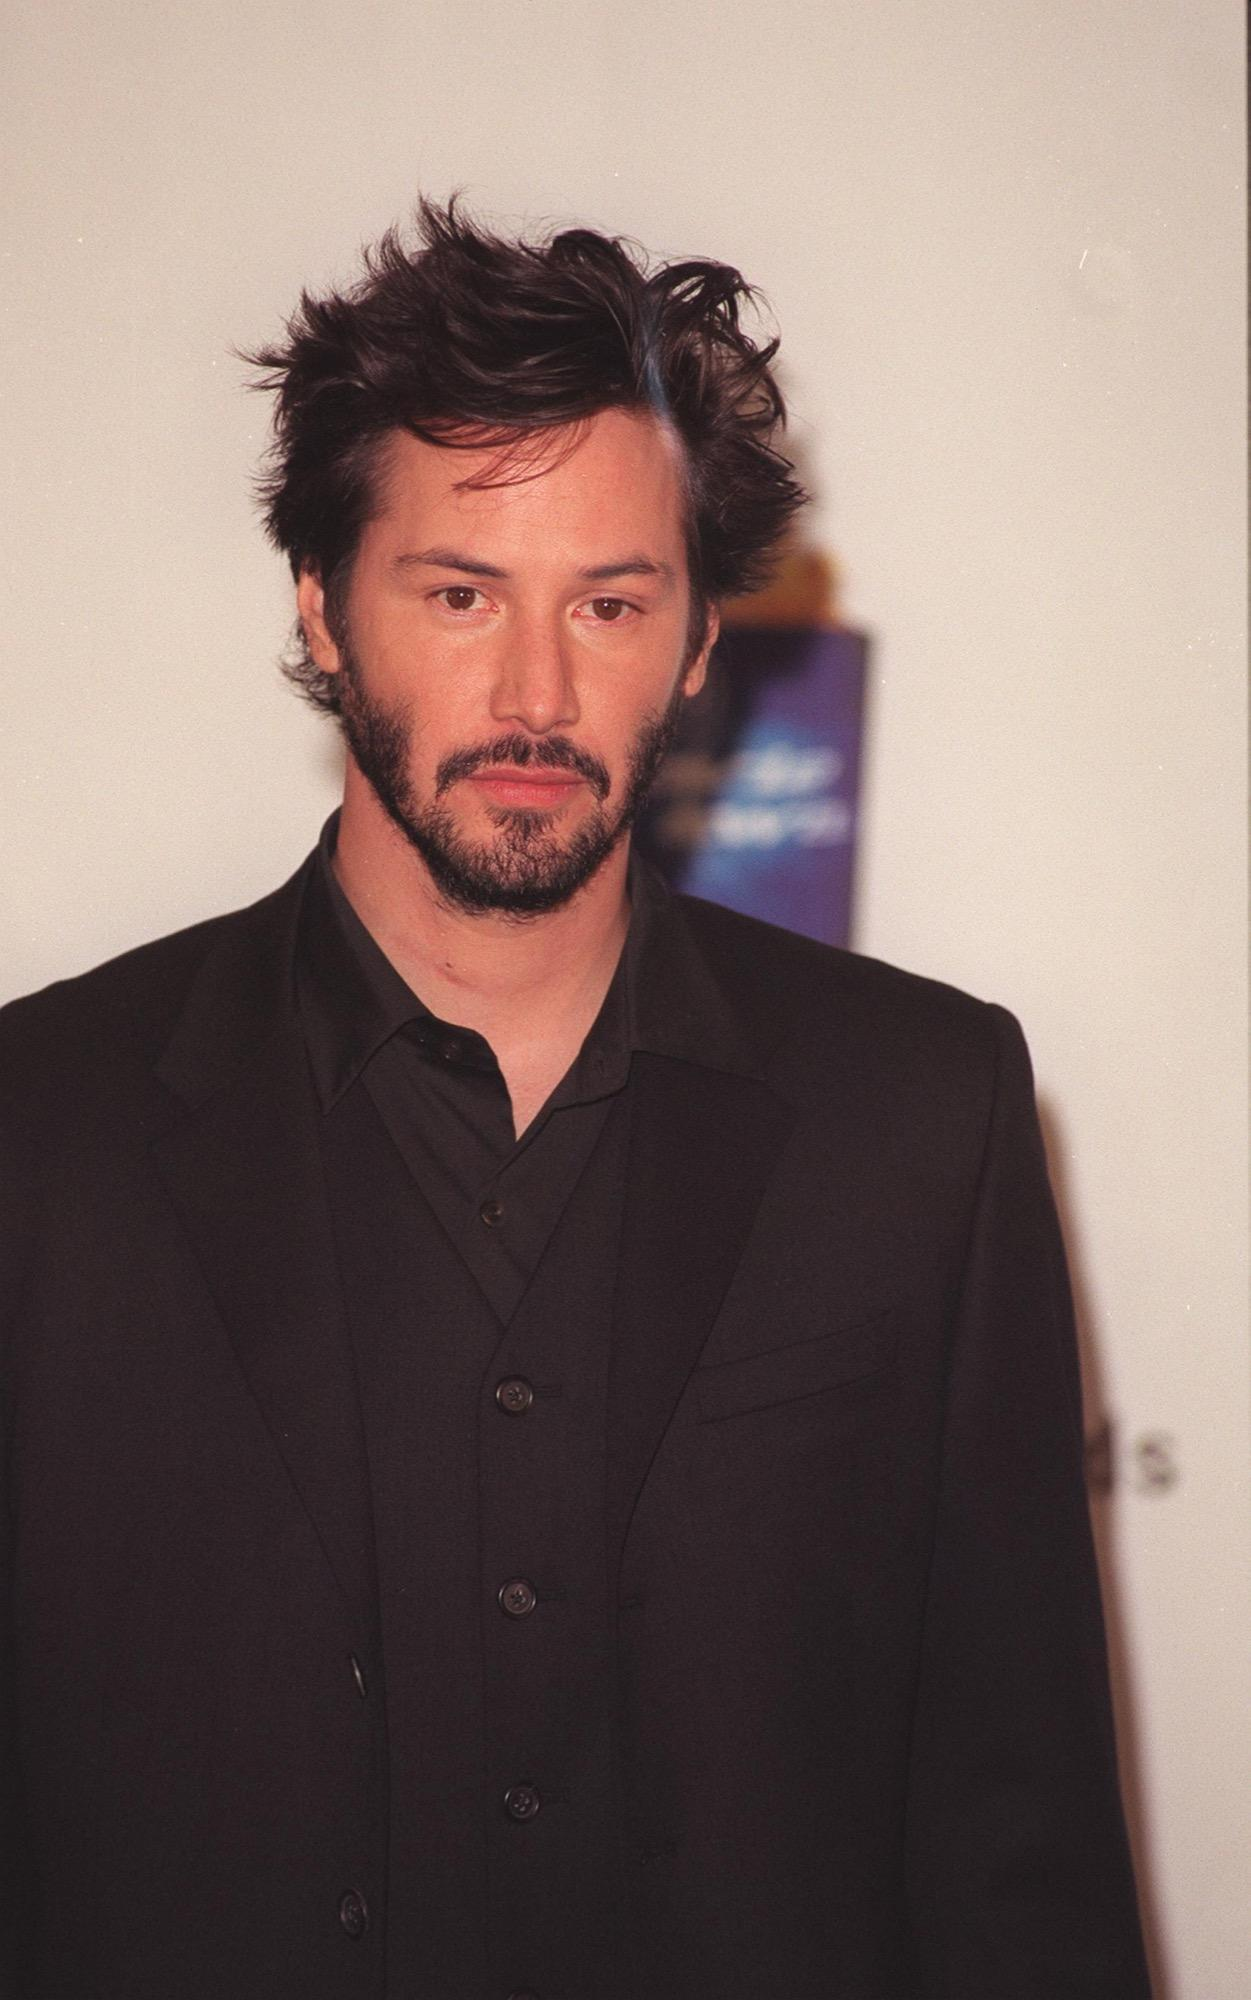 Sexiest Man Alive 1994 - Keanu Reeves